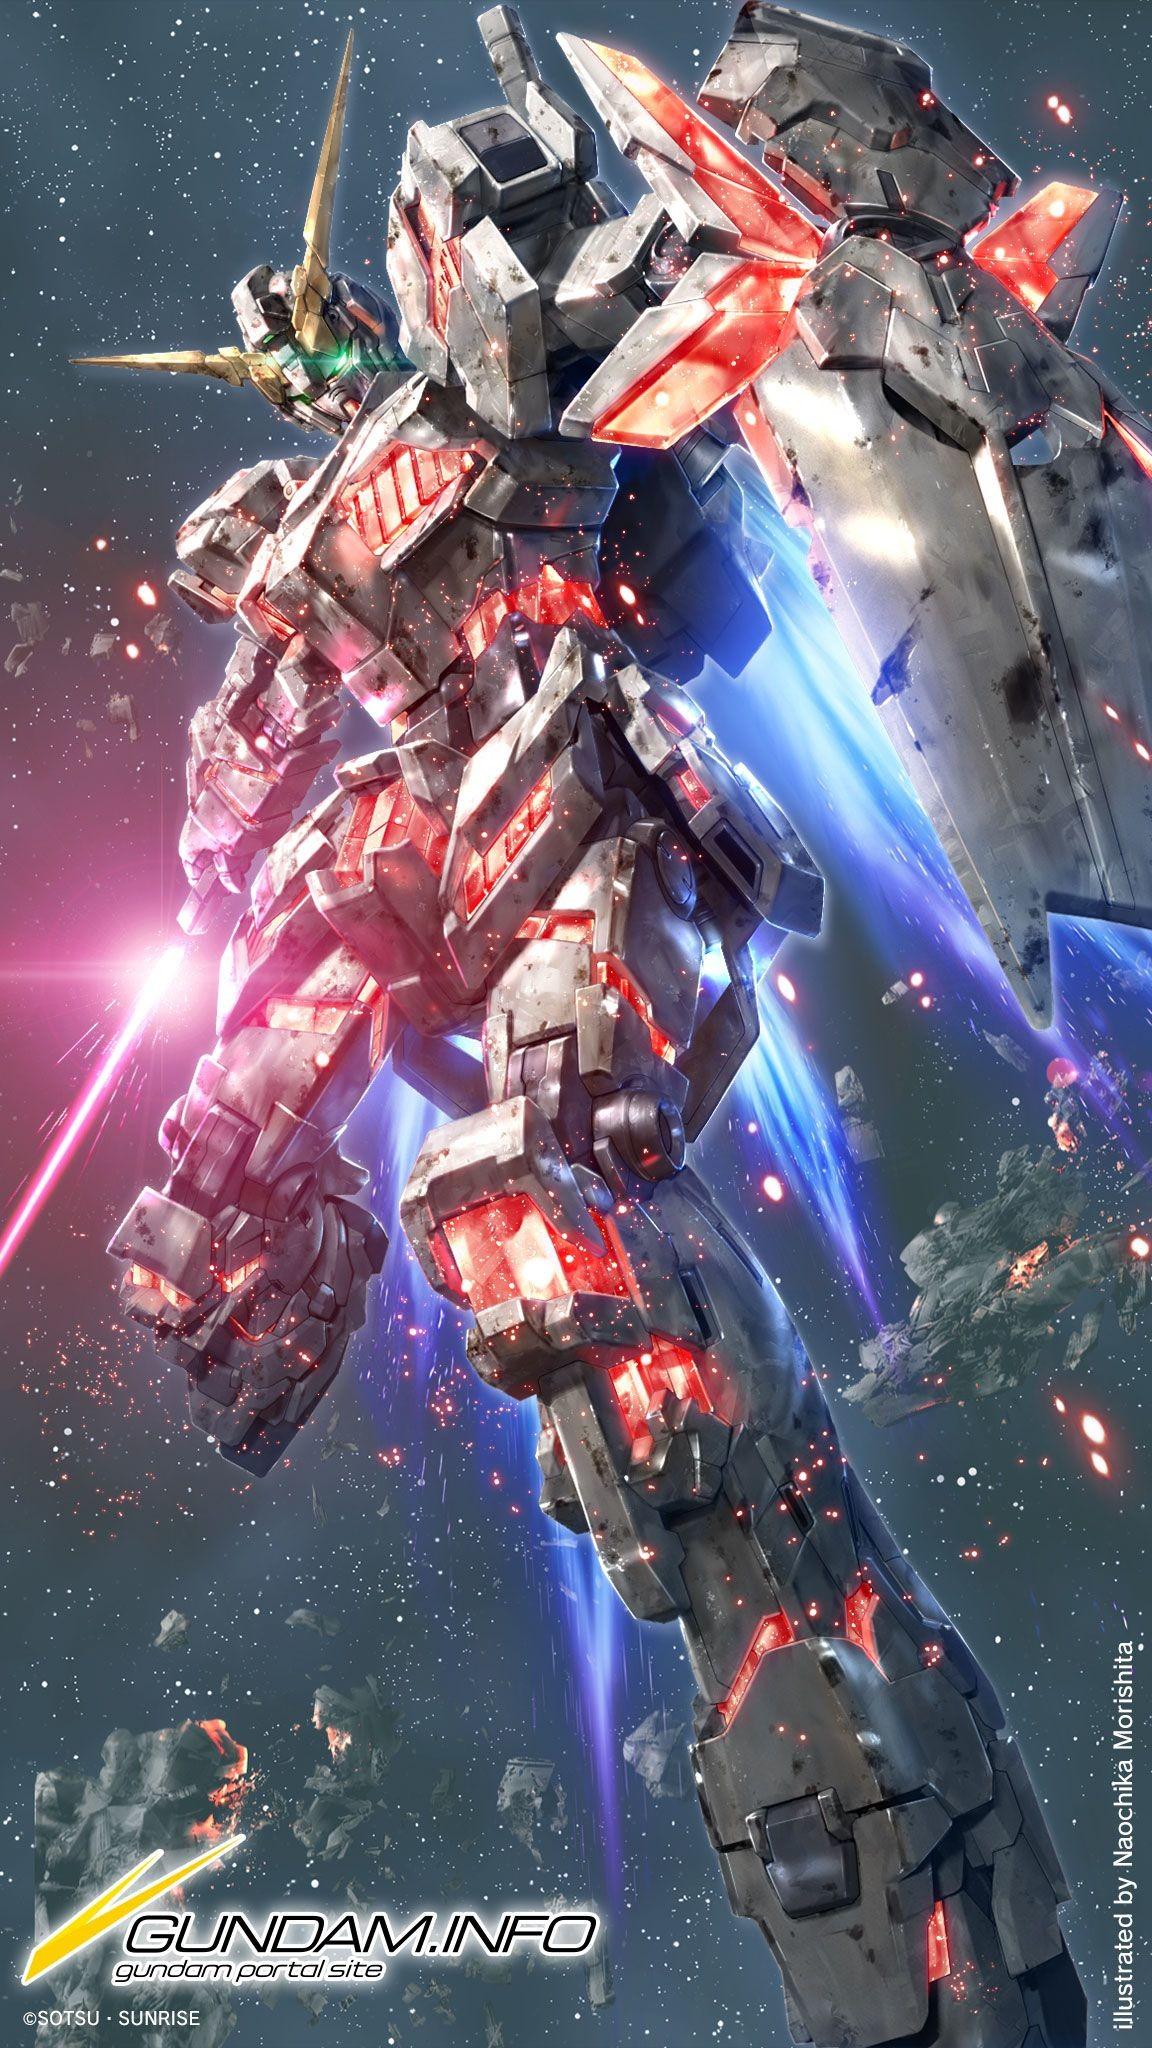 Gundam Wallpaper Android